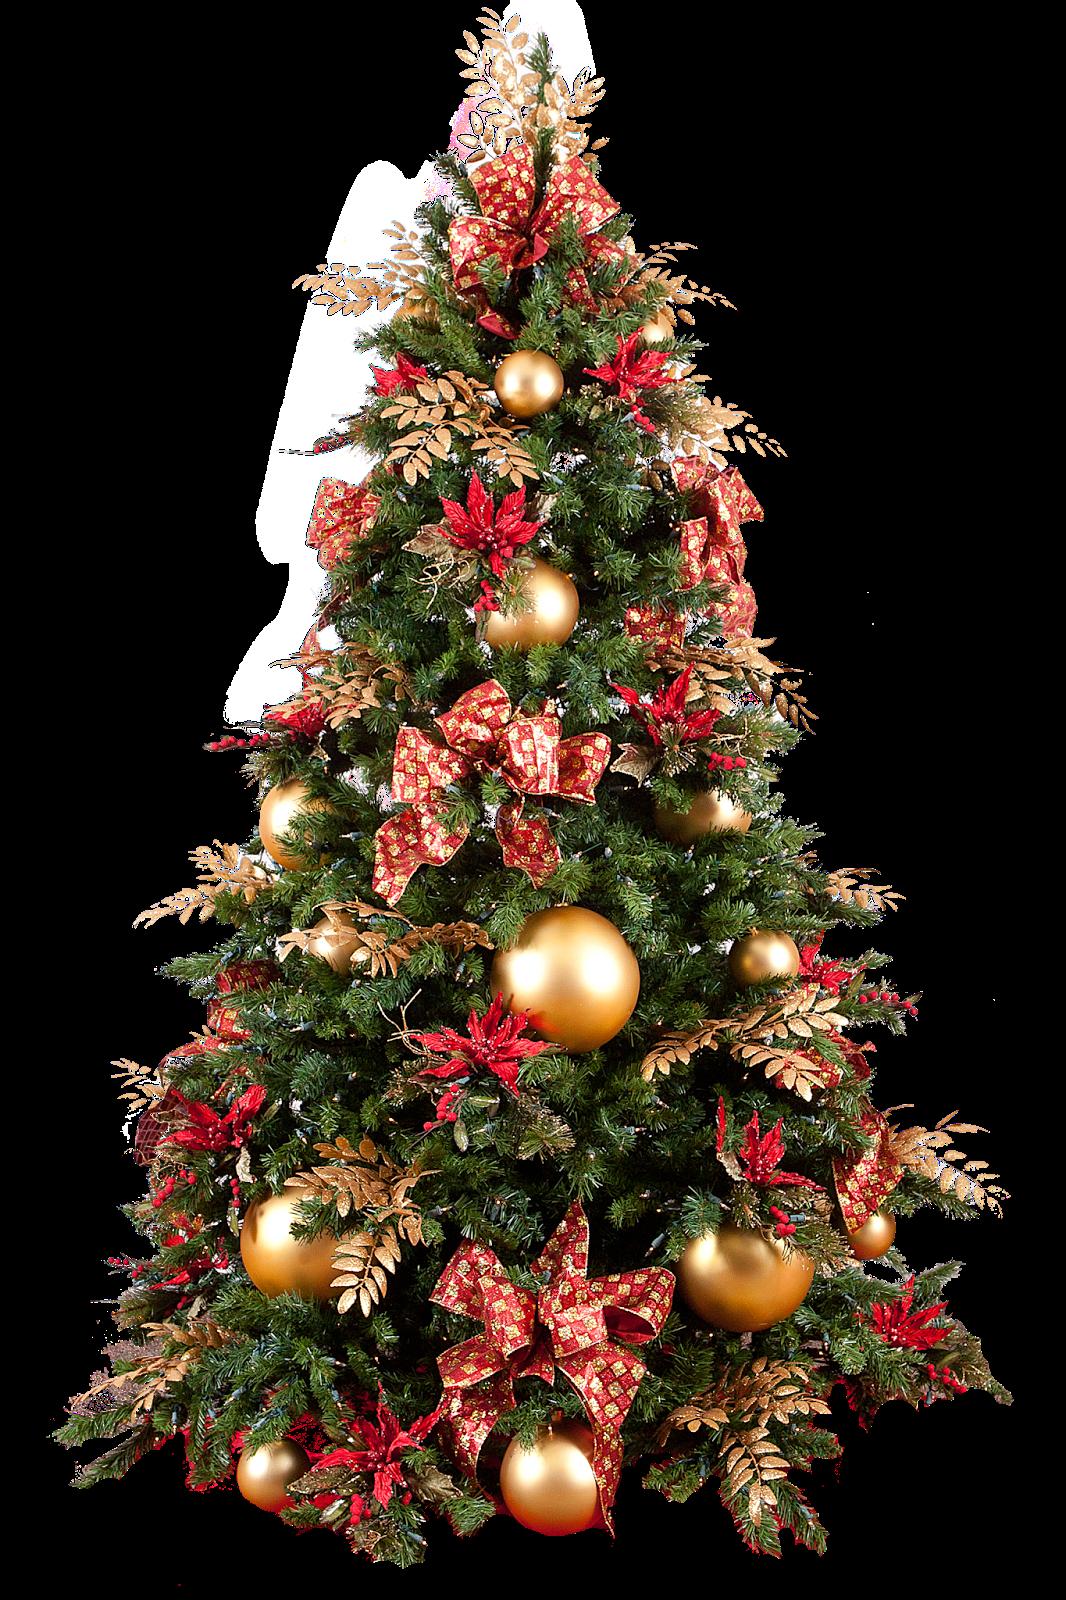 Rbol de navidad mejor calidad de vida - Arbol de navidad adornos ...